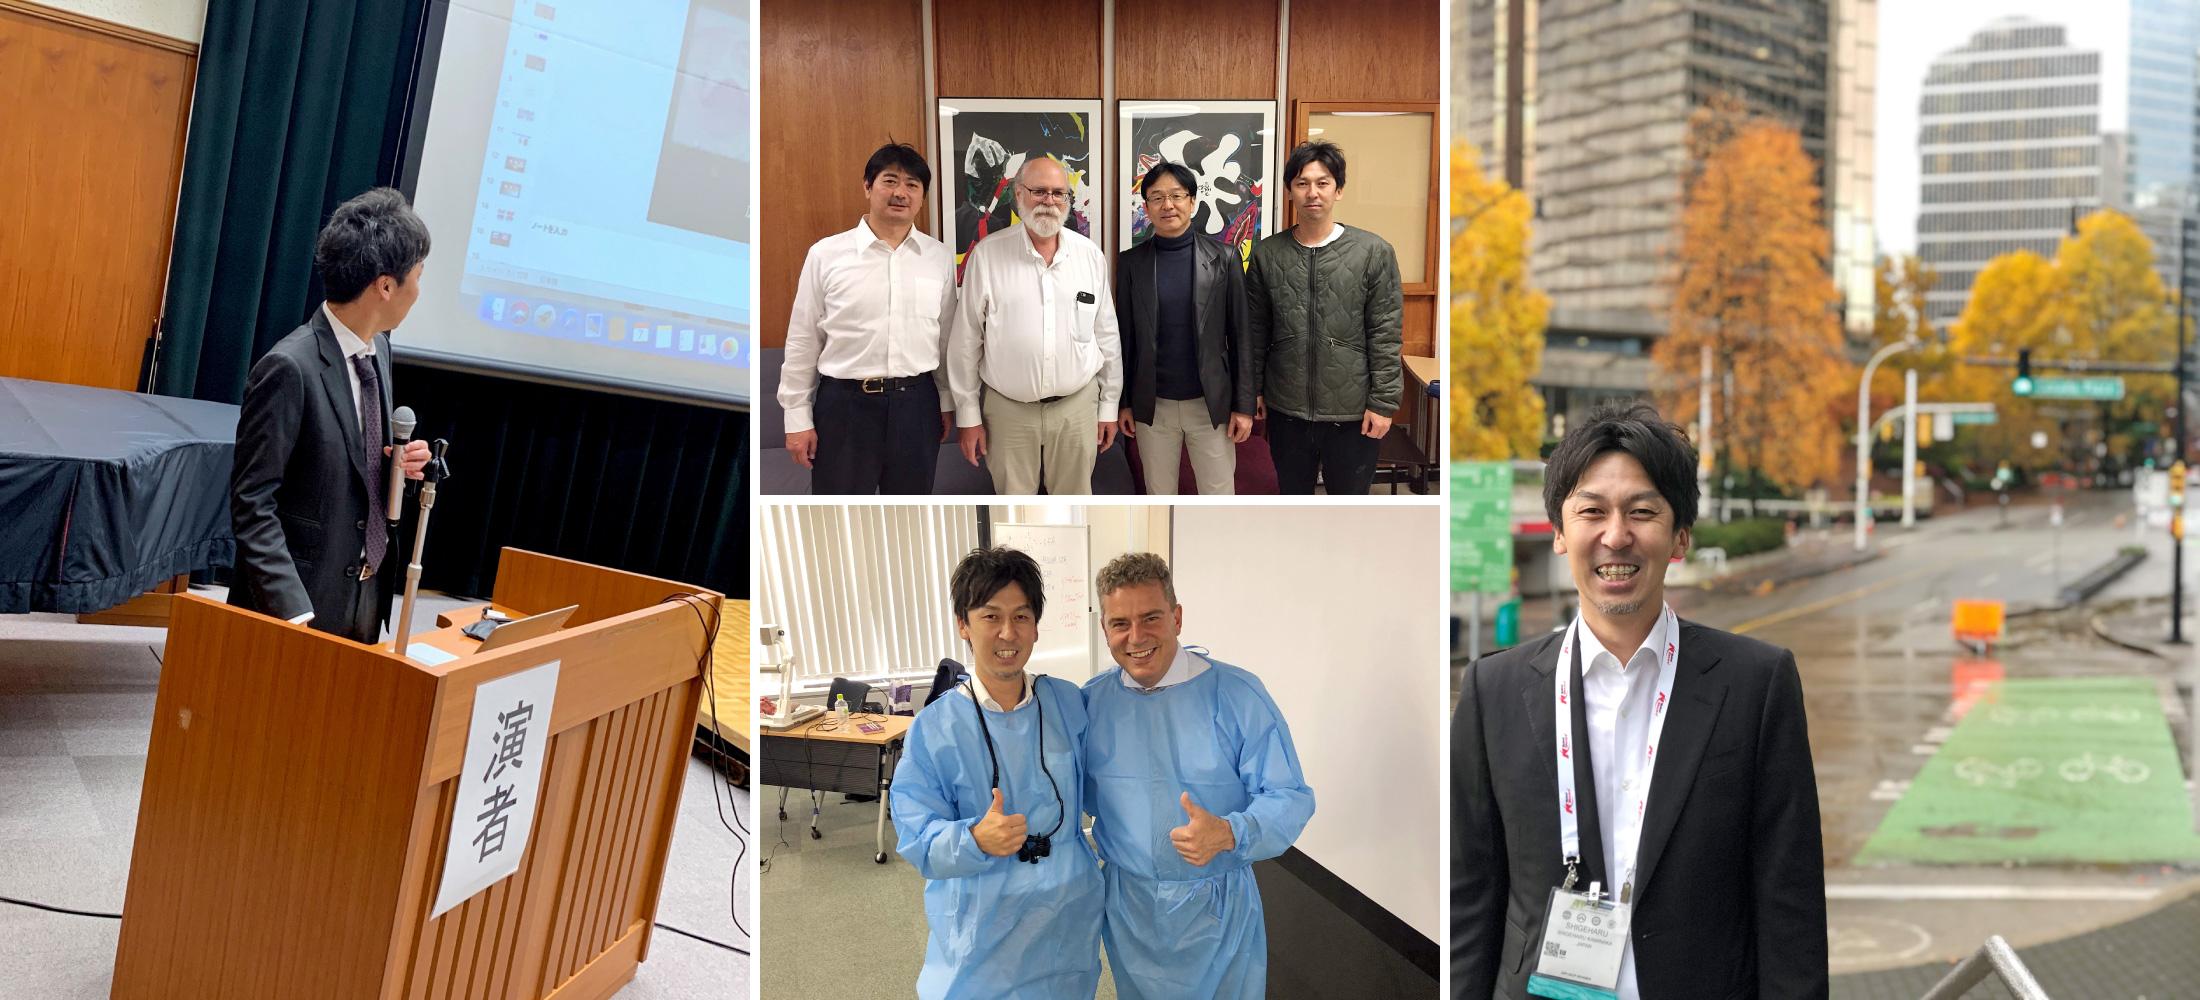 常に最新医療を学び続けるため、多くの学会参加・講演を行っています。